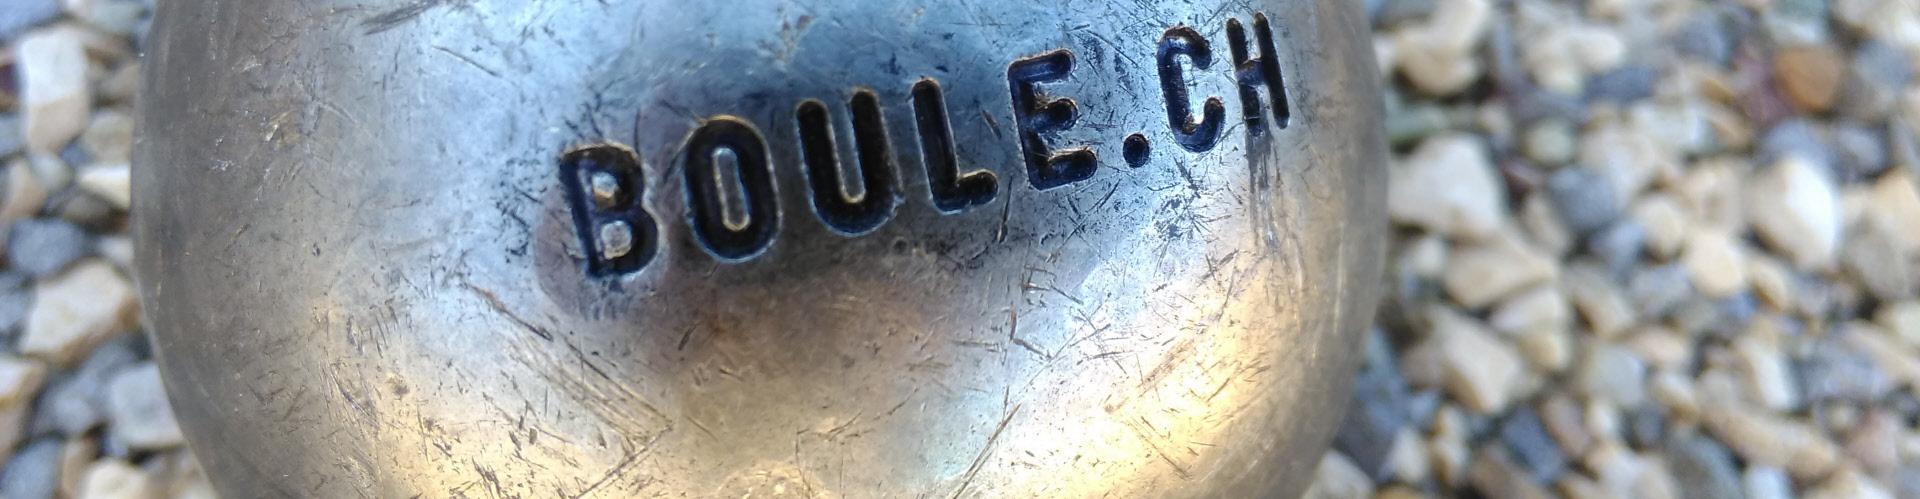 stahlkugeln 5mm rostfrei